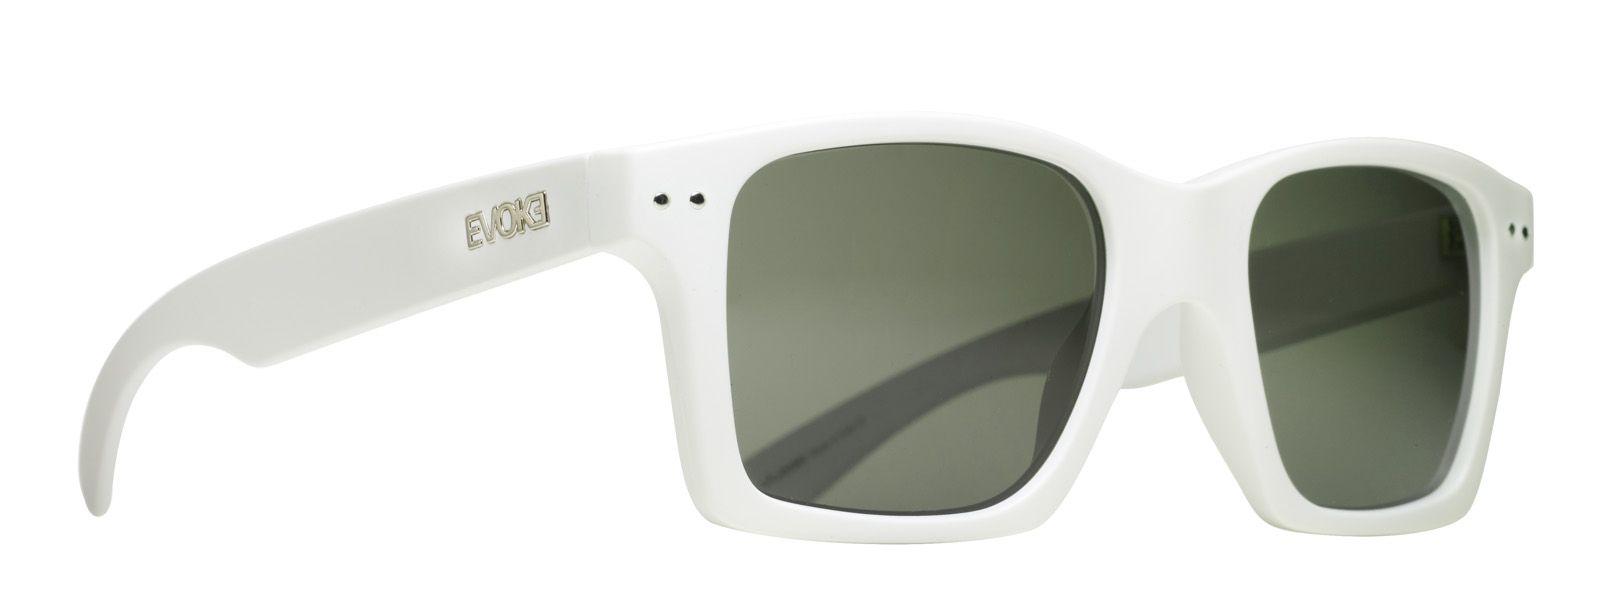 33651d924fd95 Trigger White Matte Silver G15 Total. Máxima qualidade e estilo. Produzido  artesanalmente na Itália